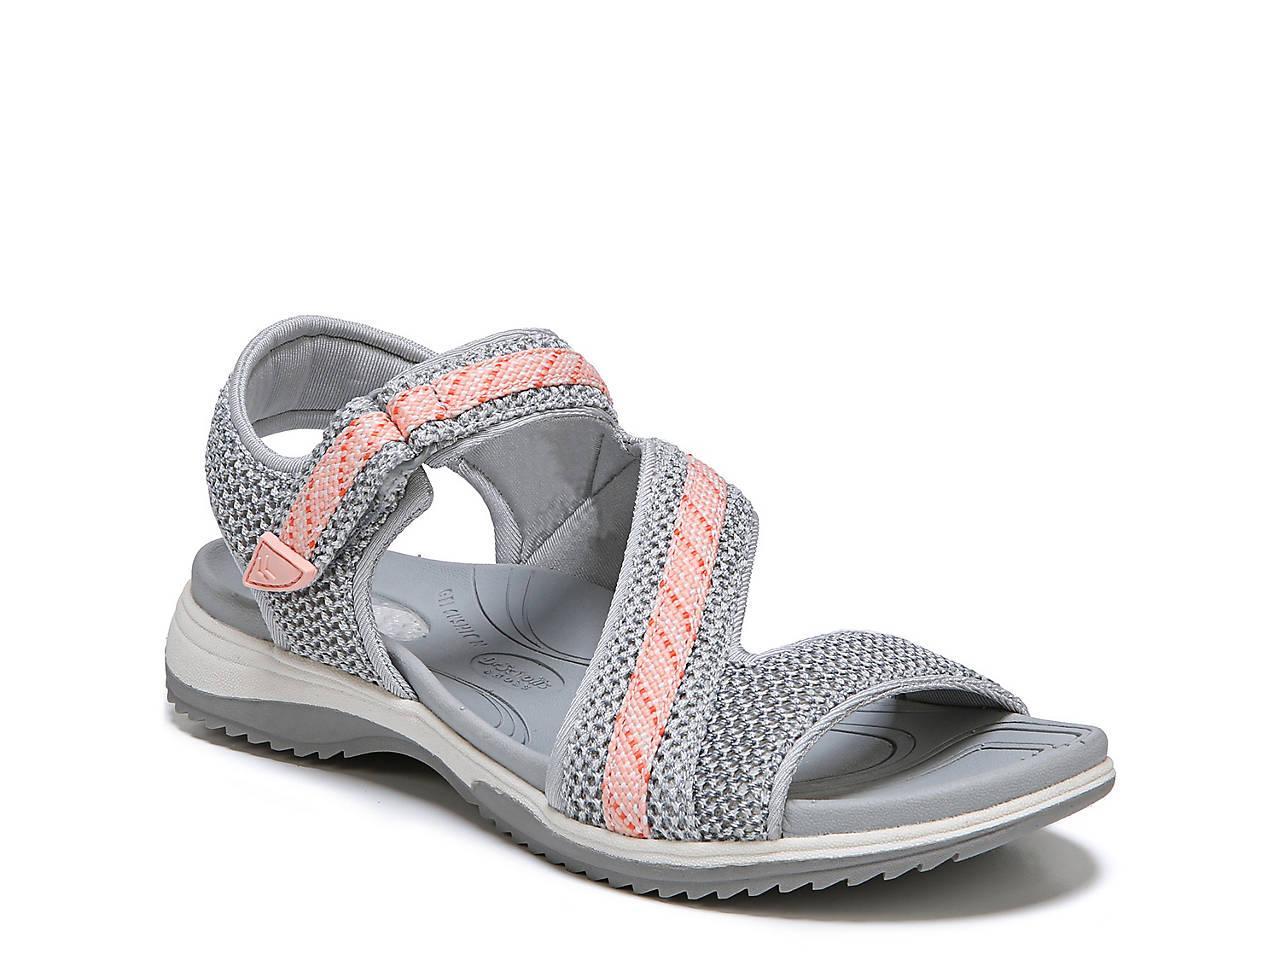 Dr. Scholl's Daydream Women's ... Sandals i6lLDHm